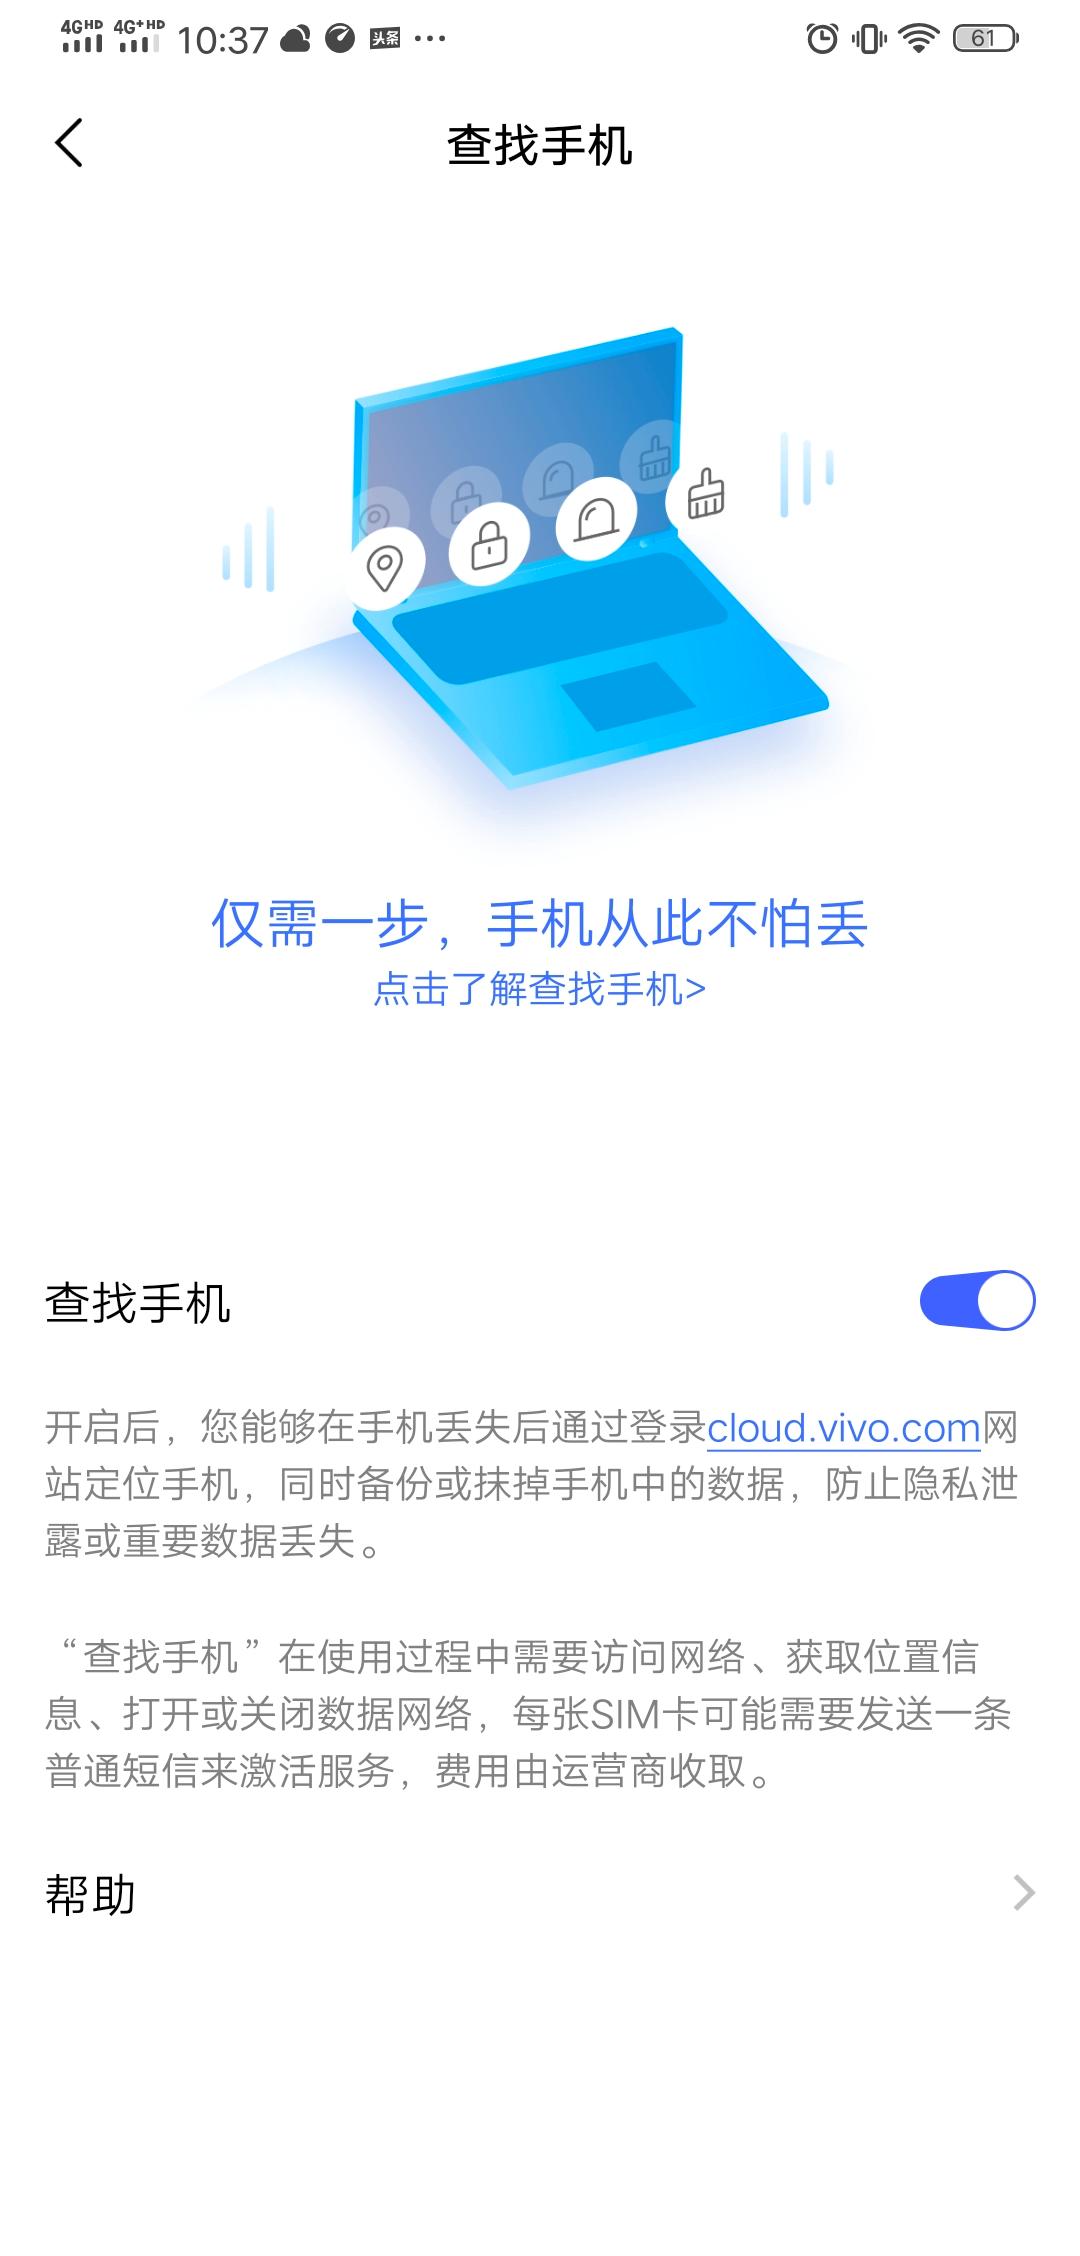 """手机丢失影响大?vivo用户开启""""查找手机"""",一秒定位爱机位置"""